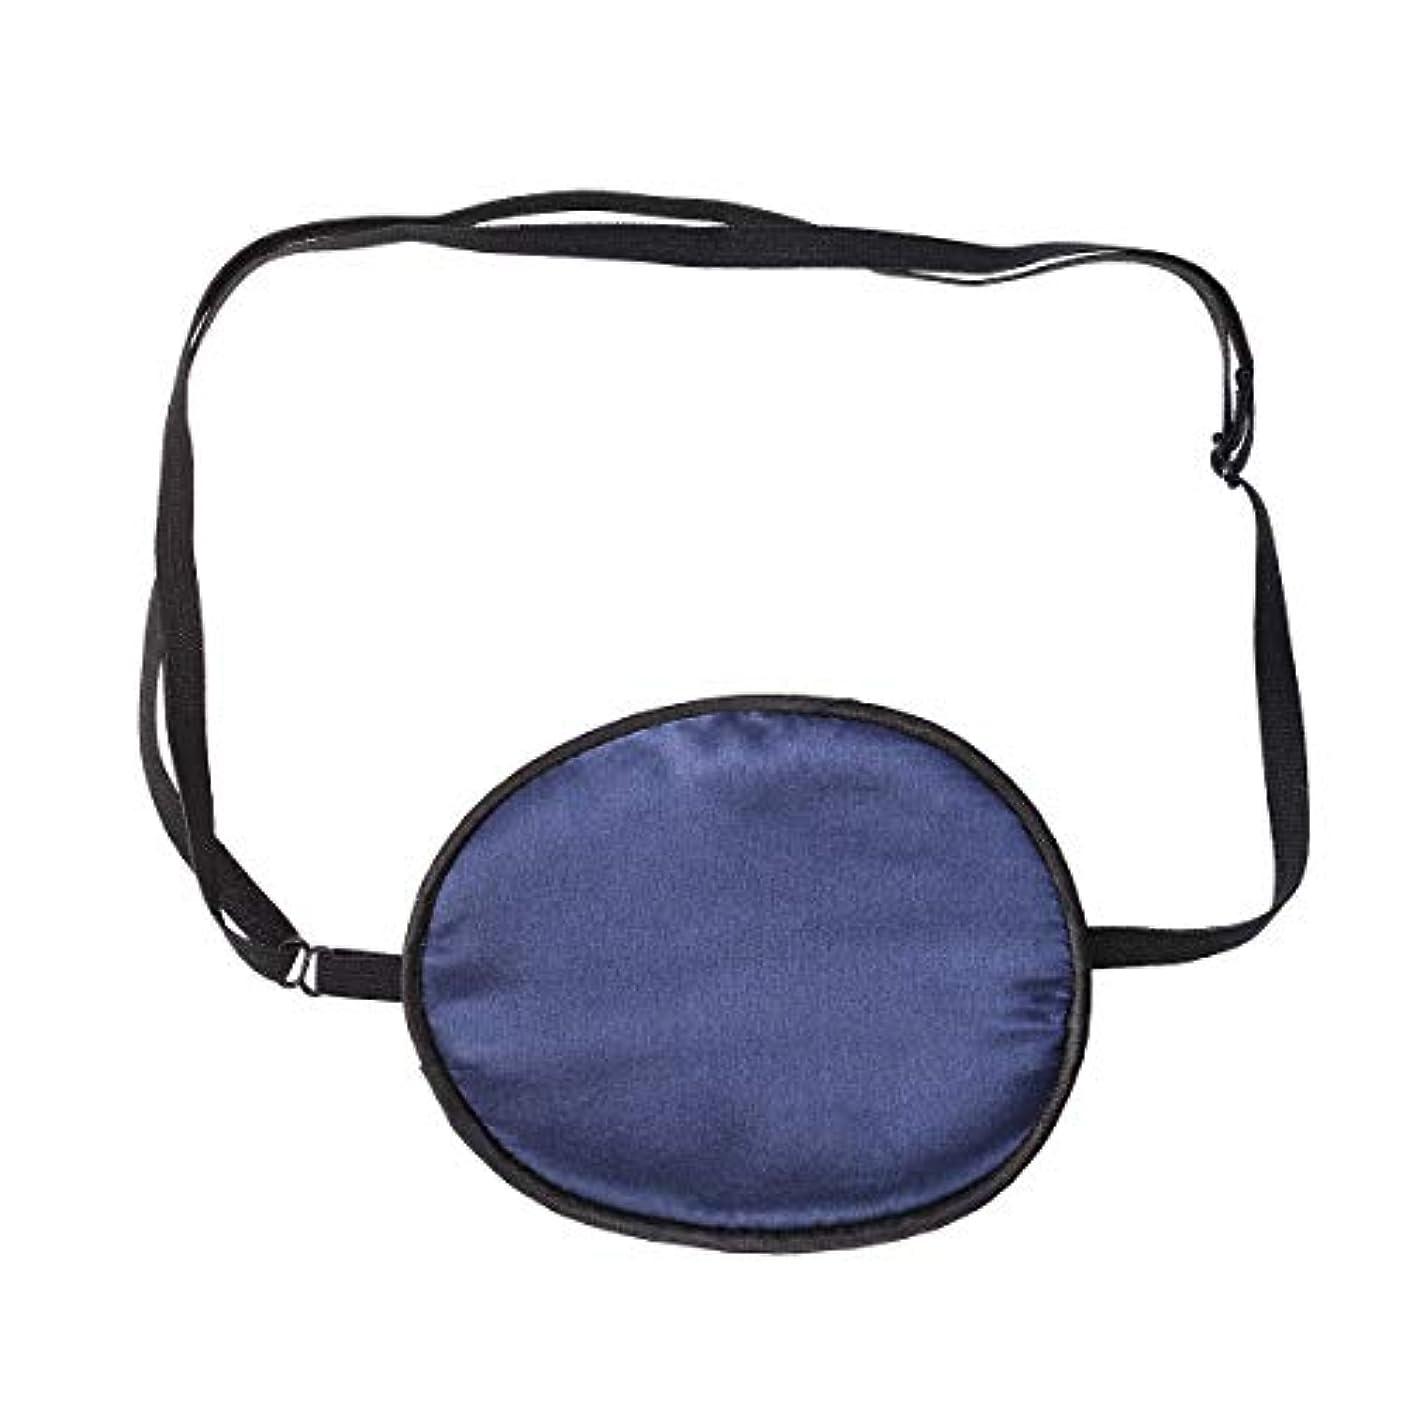 集計強制的リングレットHealifty 弱視斜視用のアイパッチシングルアイマスク調節可能なアイカバー